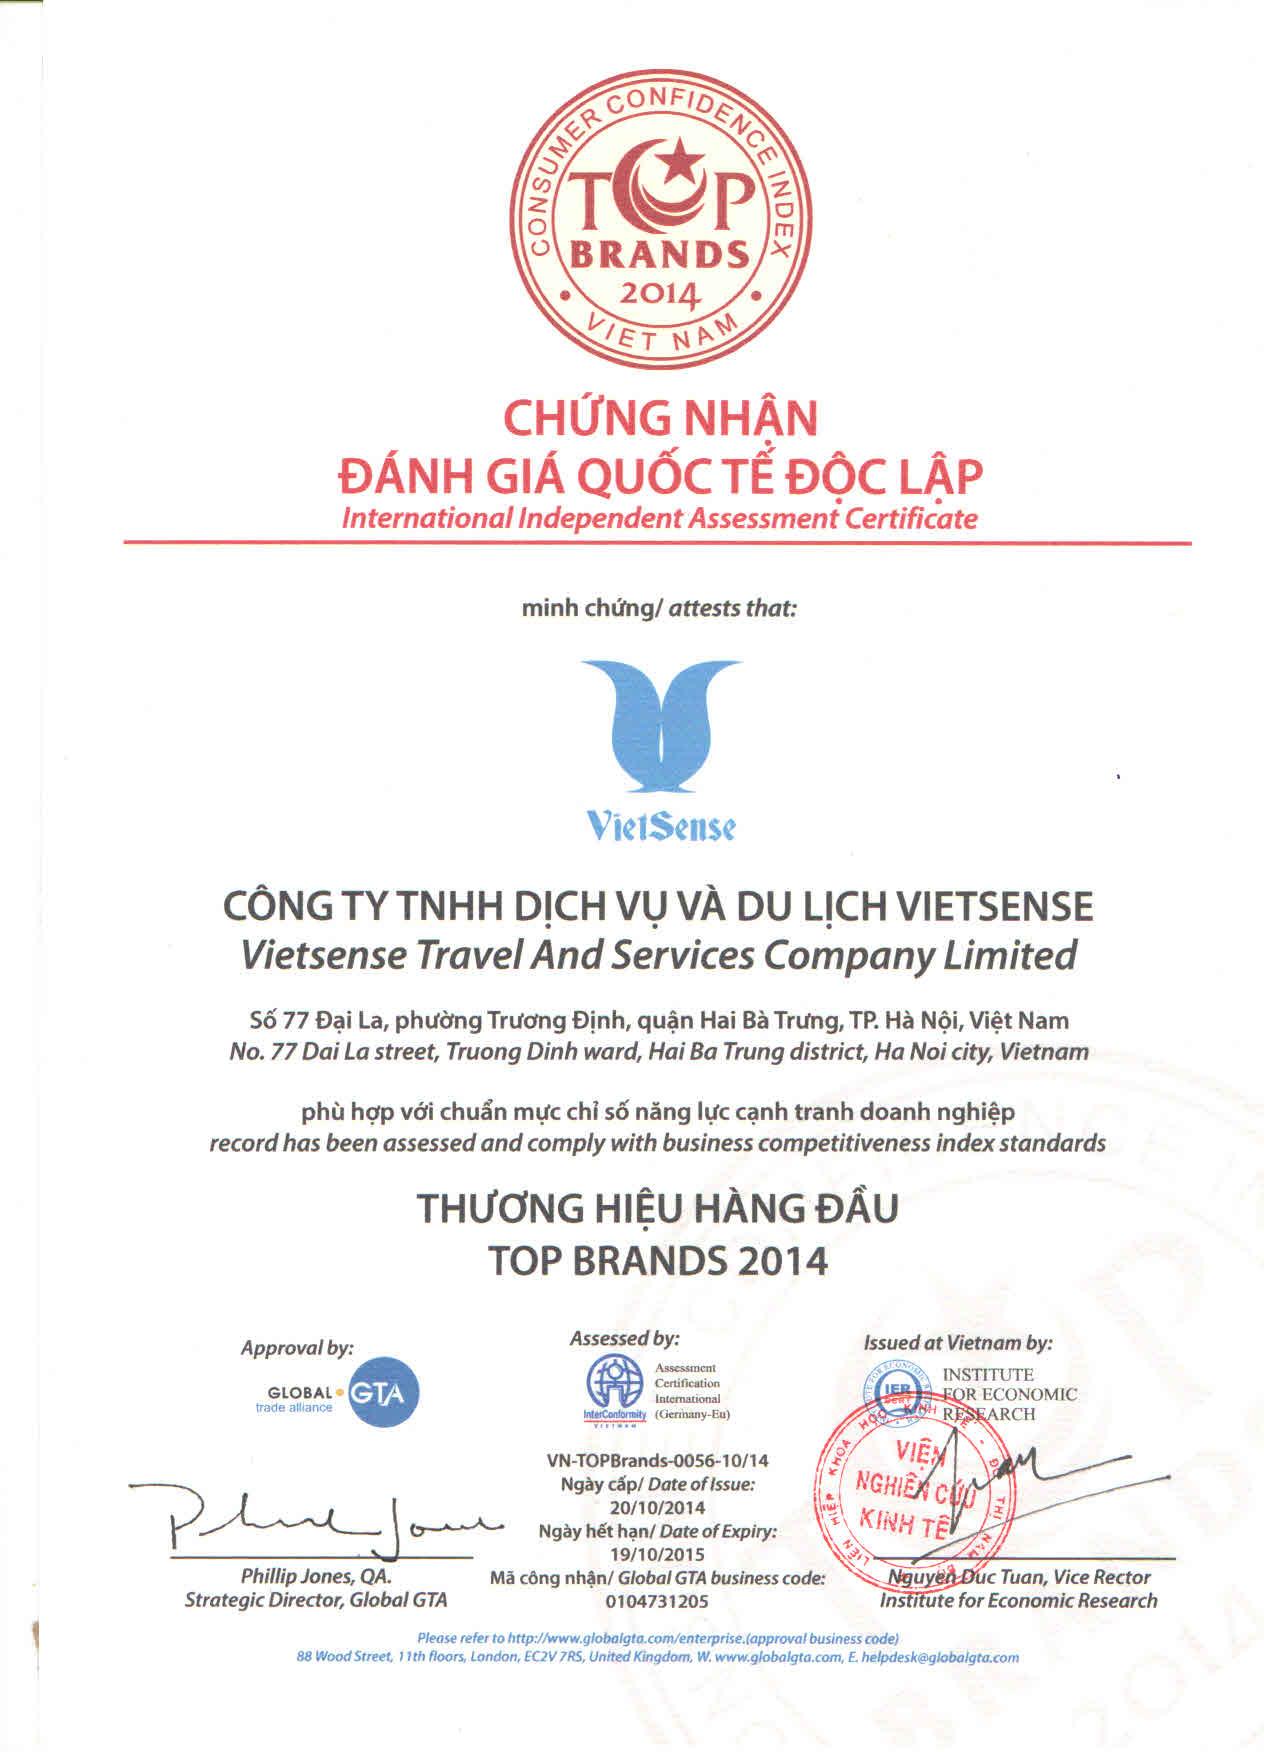 Vietsense Vinh Dự Nhận Giải Thưởng Thương Hiệu Hàng Đầu